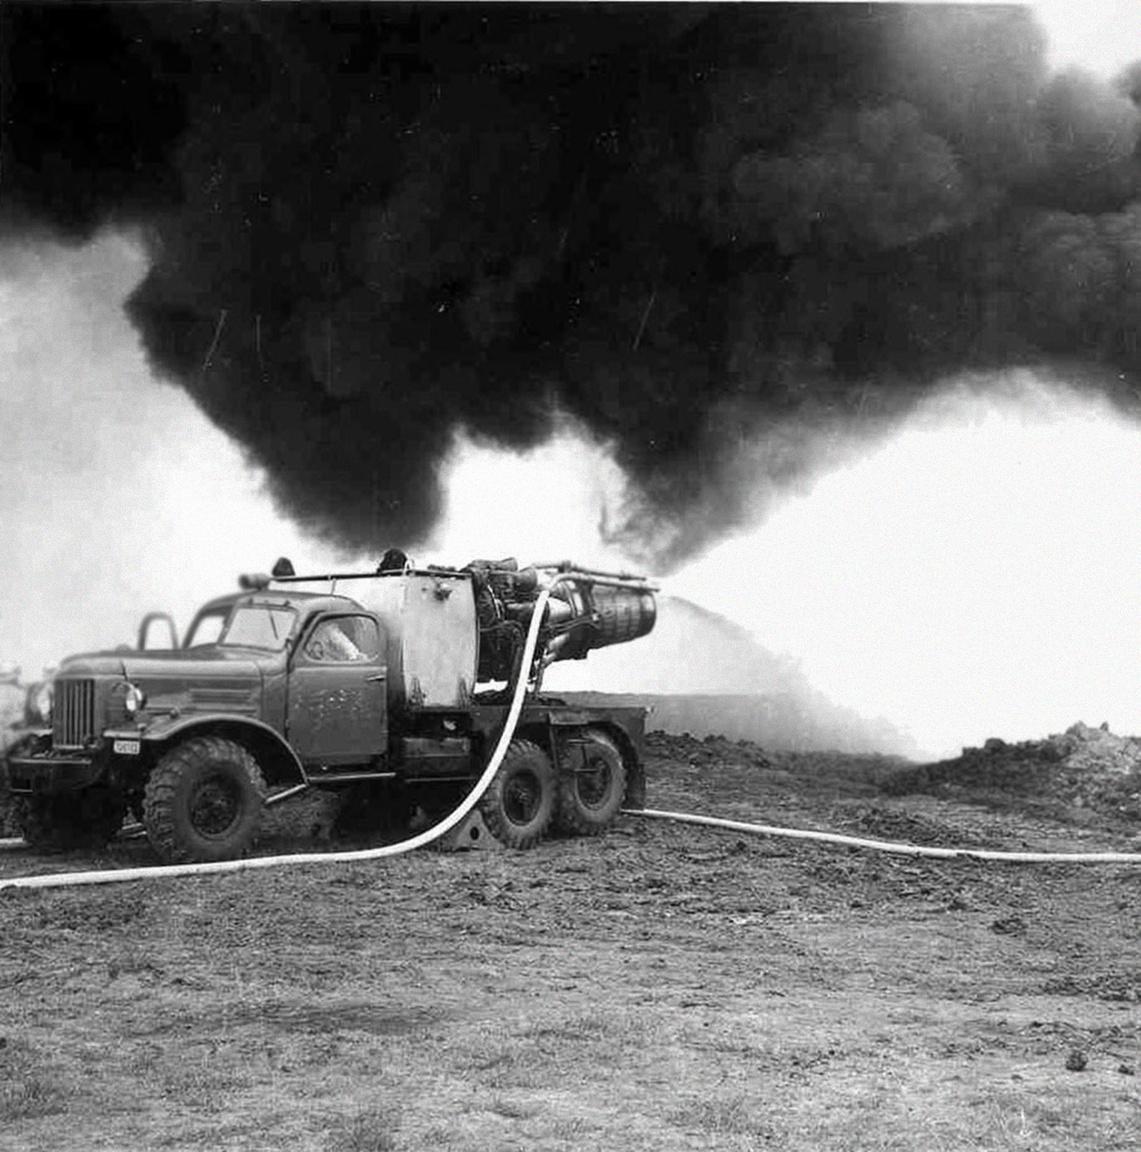 Bevetésen a kúttüzek oltásához kifejlesztett magyar találmány egy korai verziója, a teherautóra szerelt vadászgéphajtómú (Algyő, 1975).